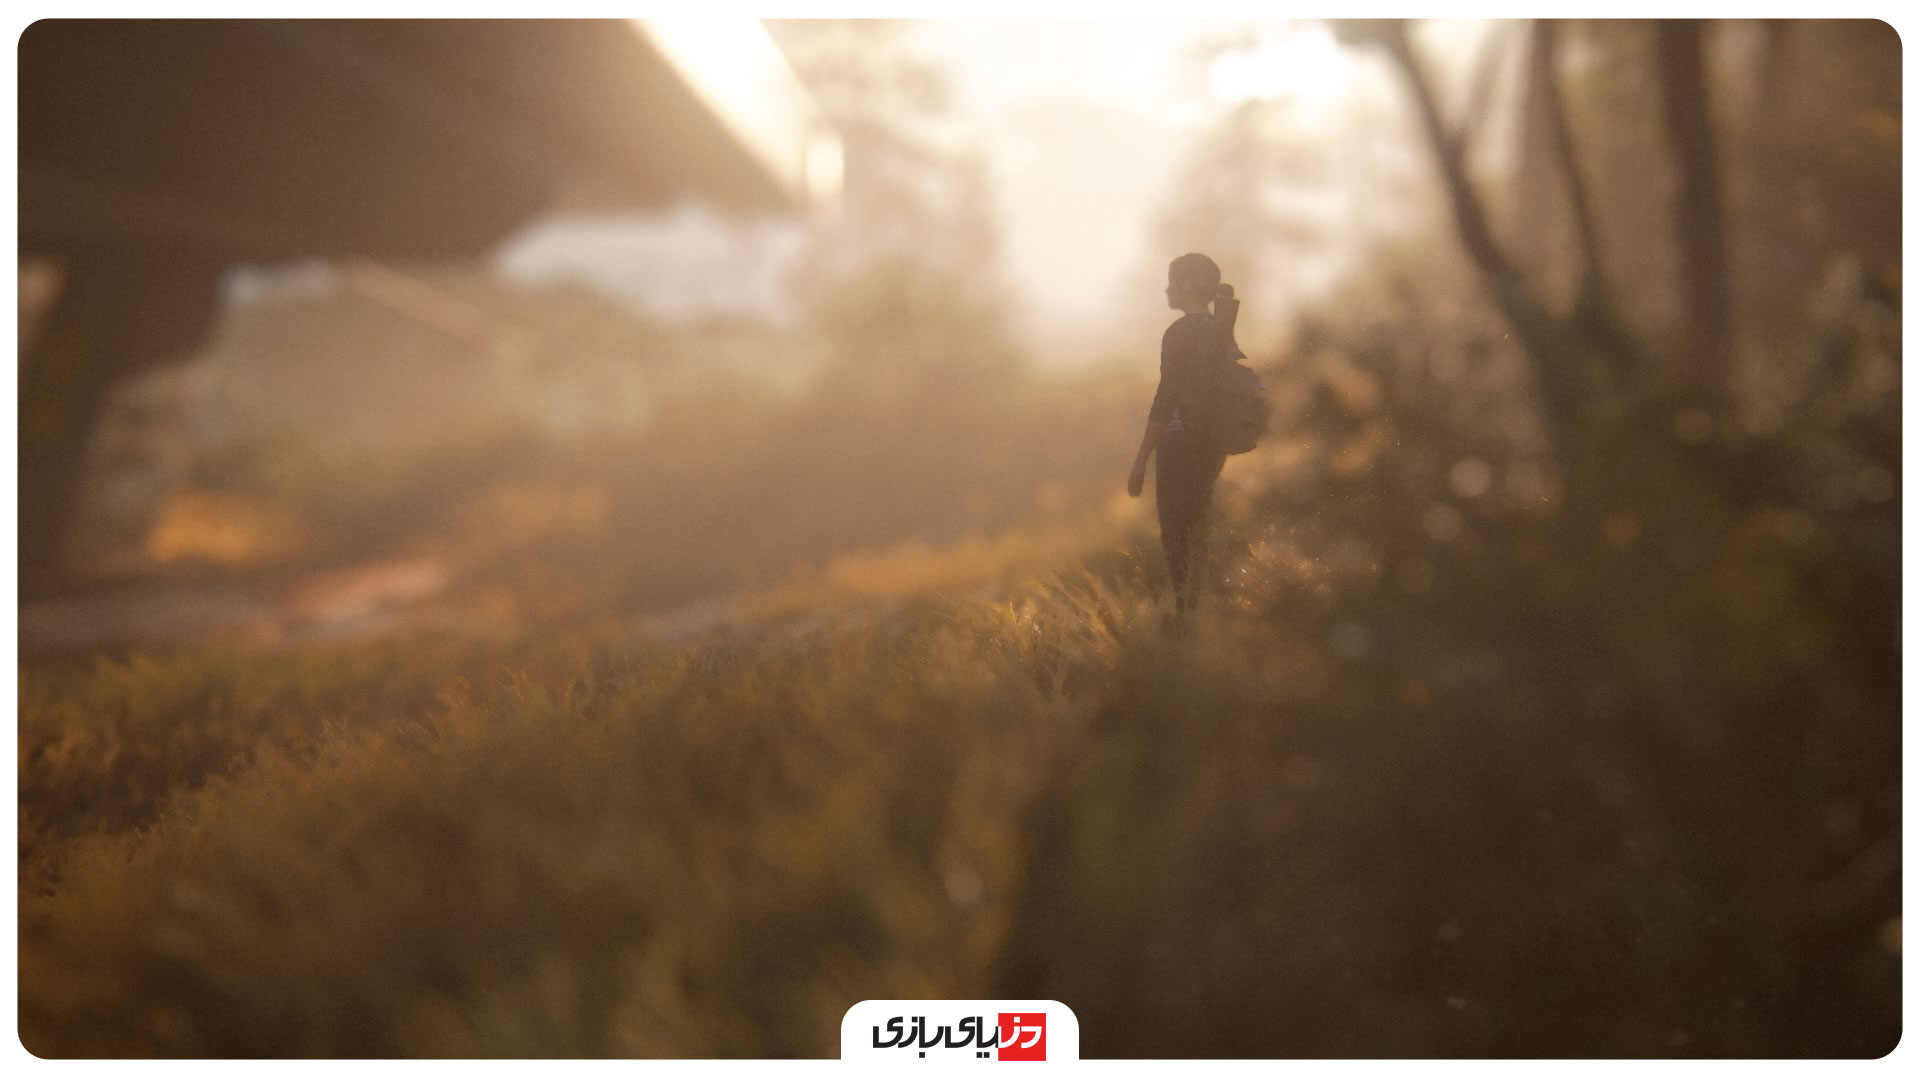 اسکرین شات بازی The Last of Us 2 - ارسالی Simple-Mahdi